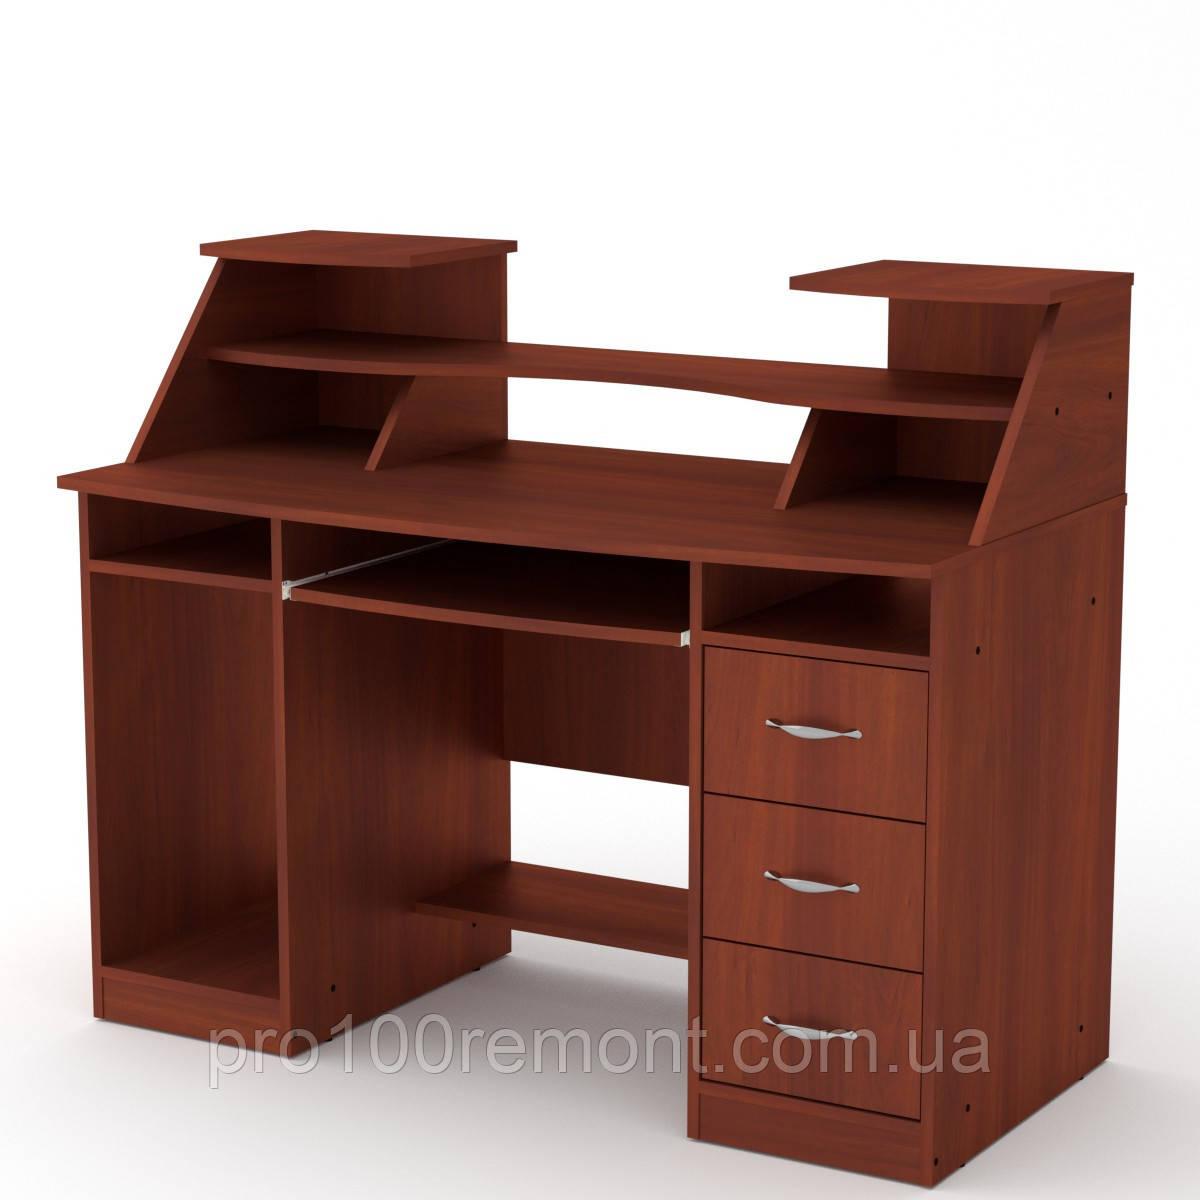 Стол компьютерный КОМФОРТ-5 от Компанит